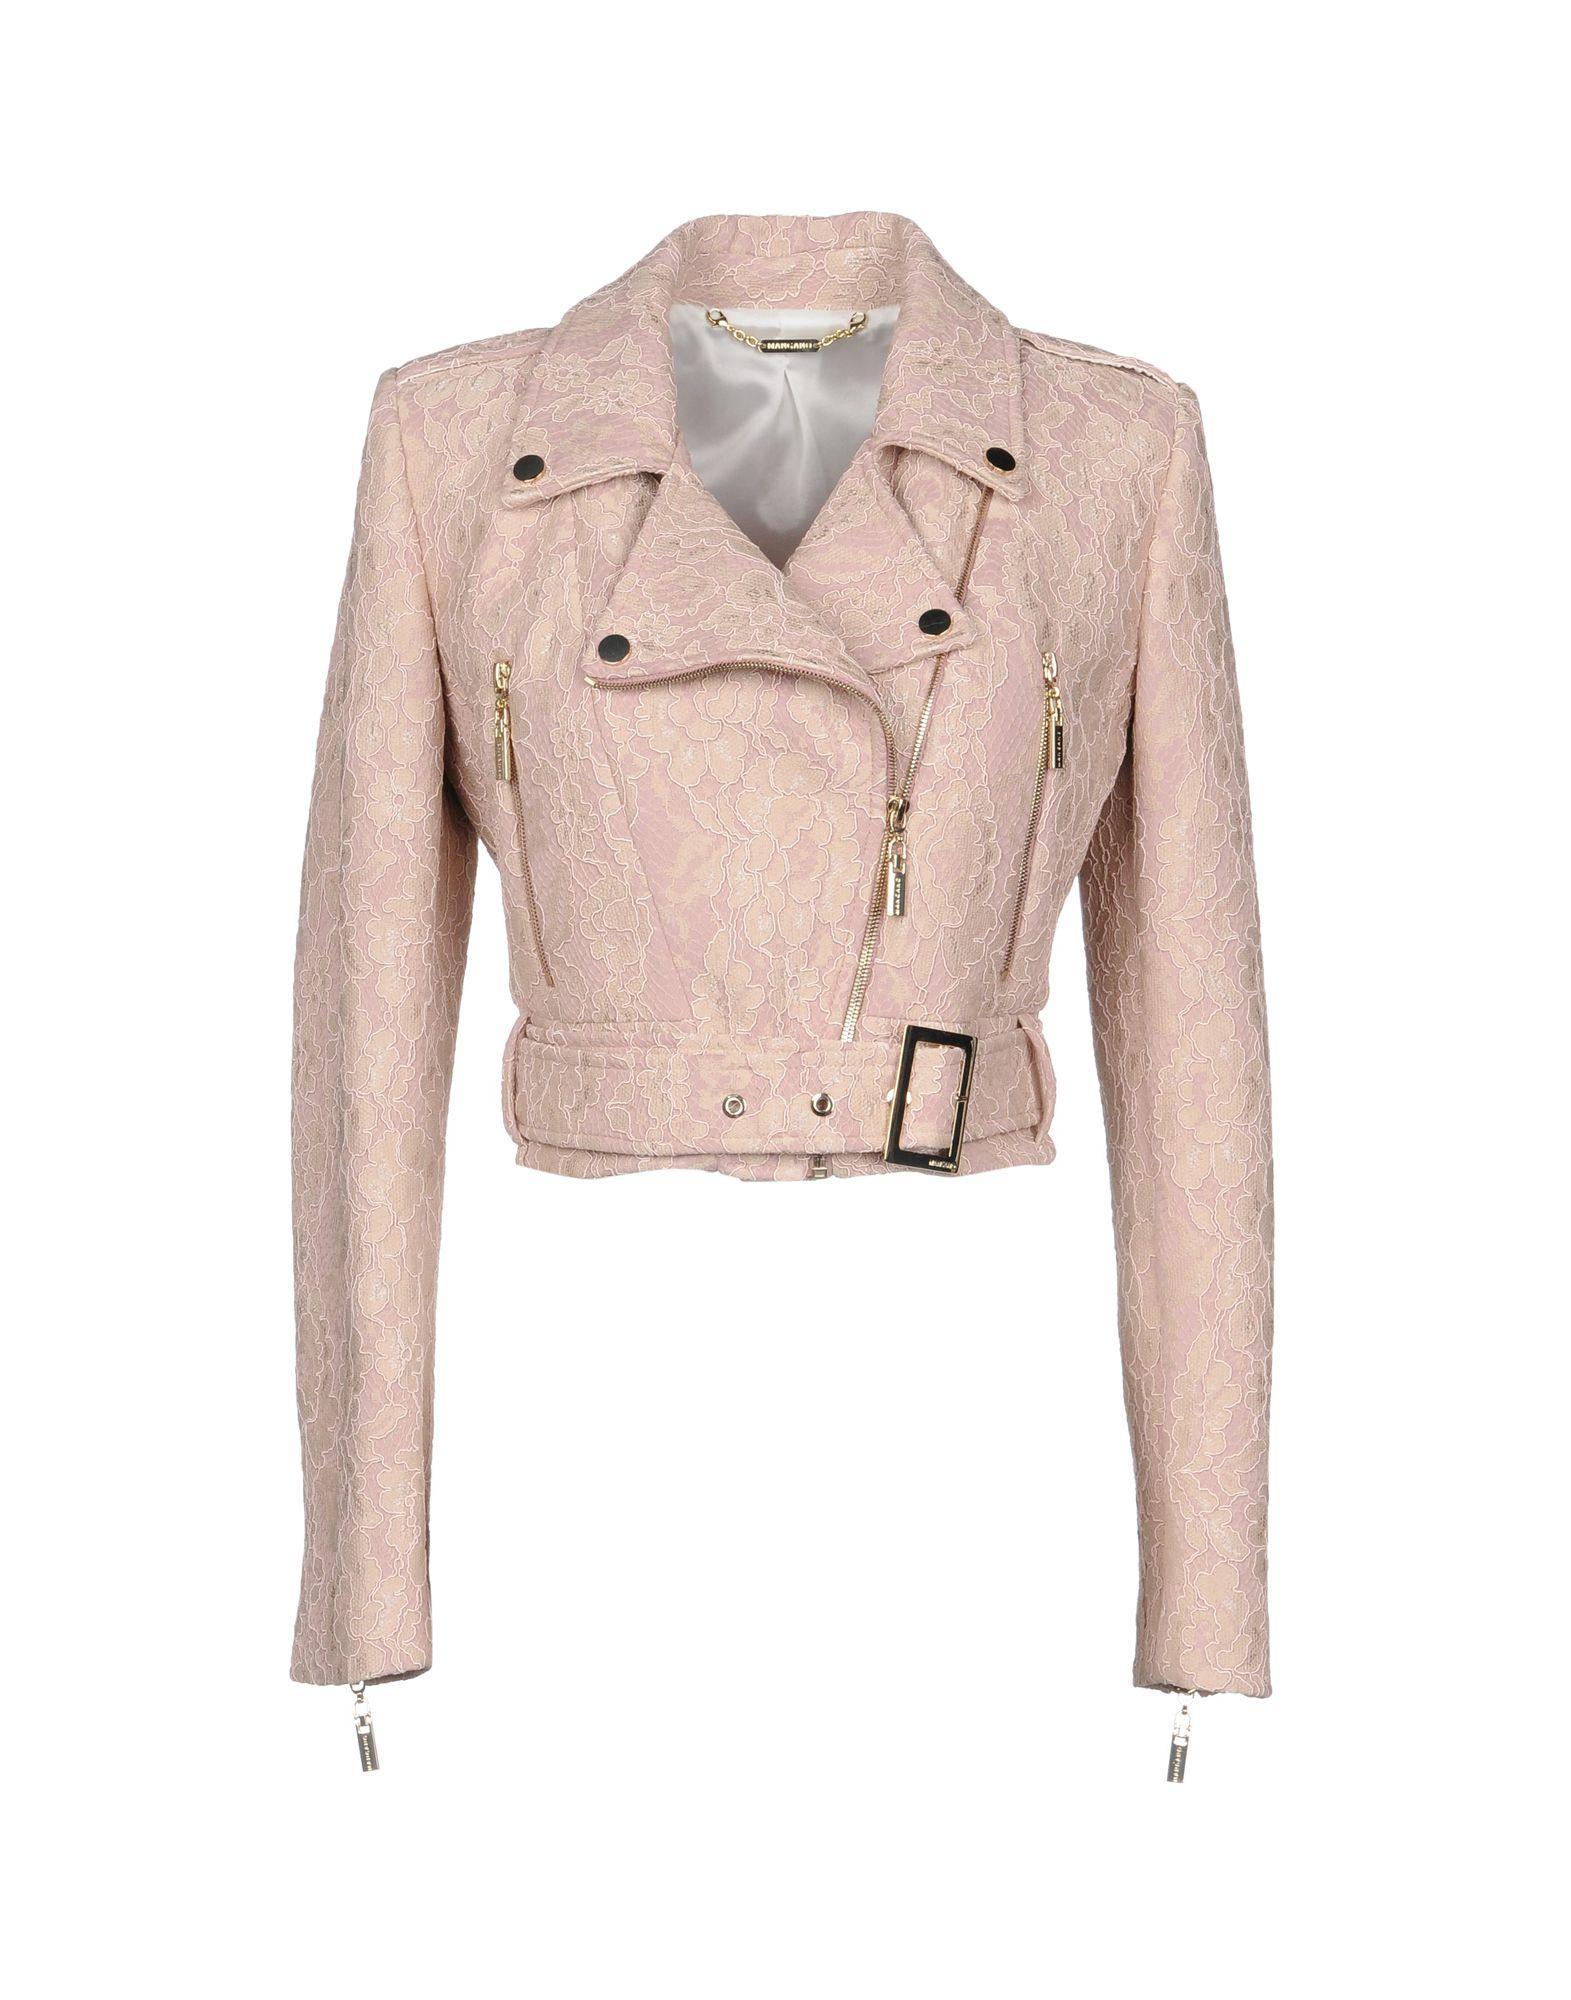 Mangano Jackets In Pink